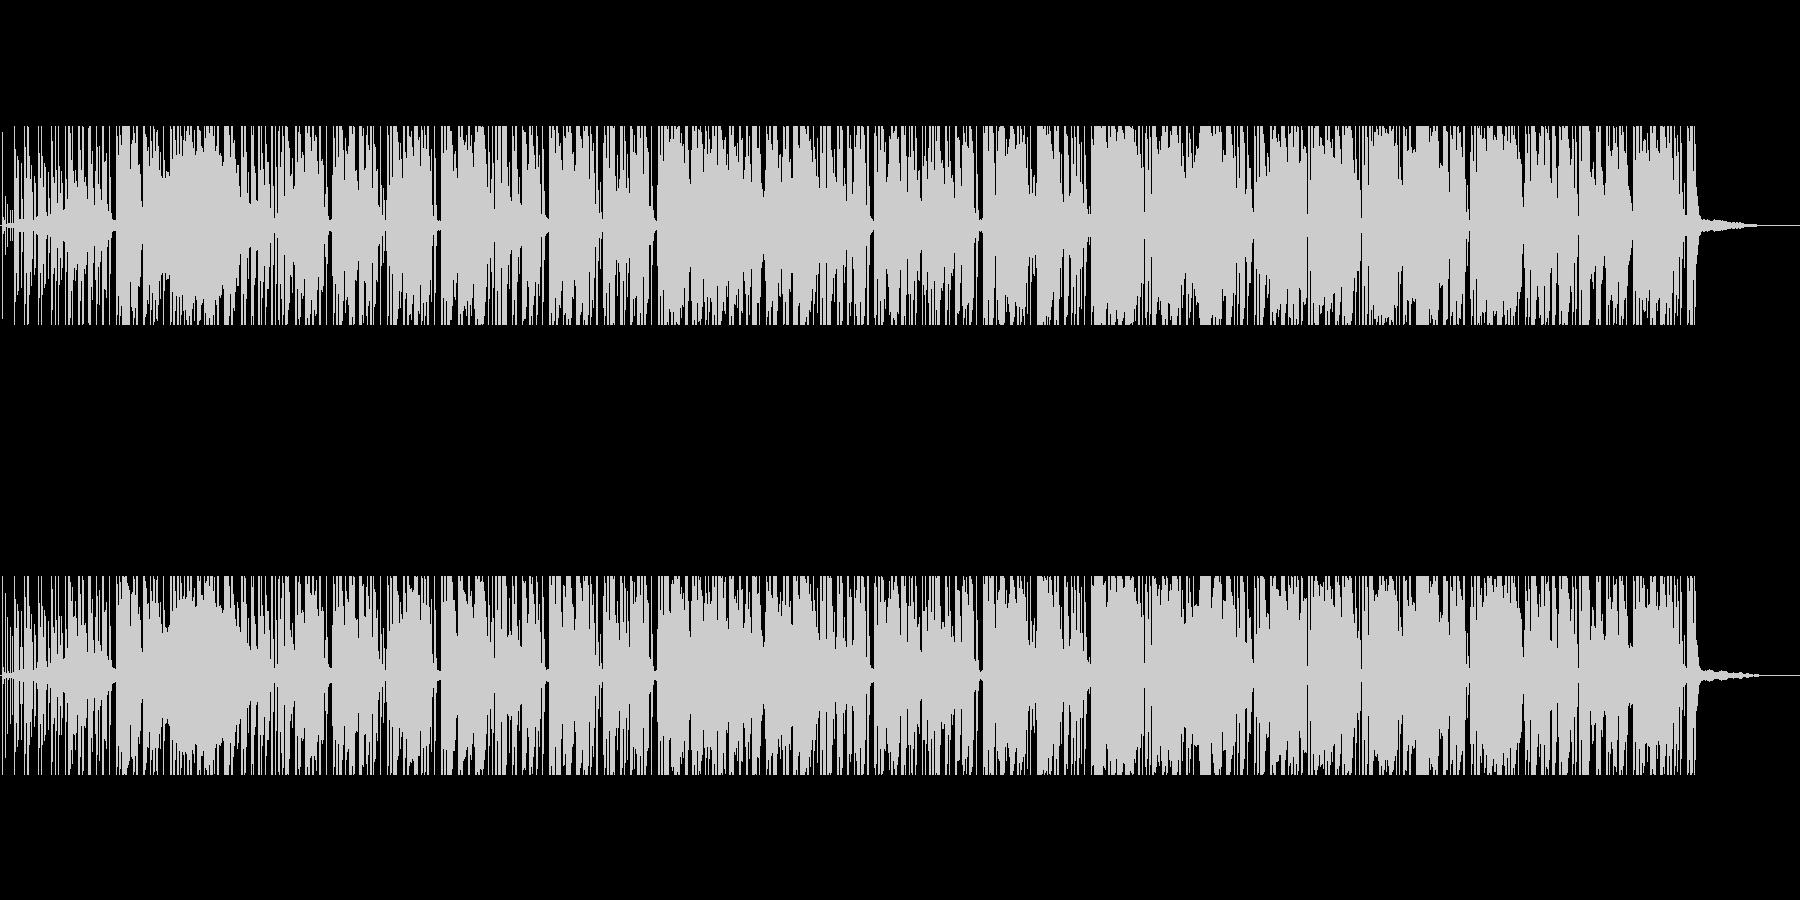 シブい 捜査 試行錯誤 熟考のサックス曲の未再生の波形